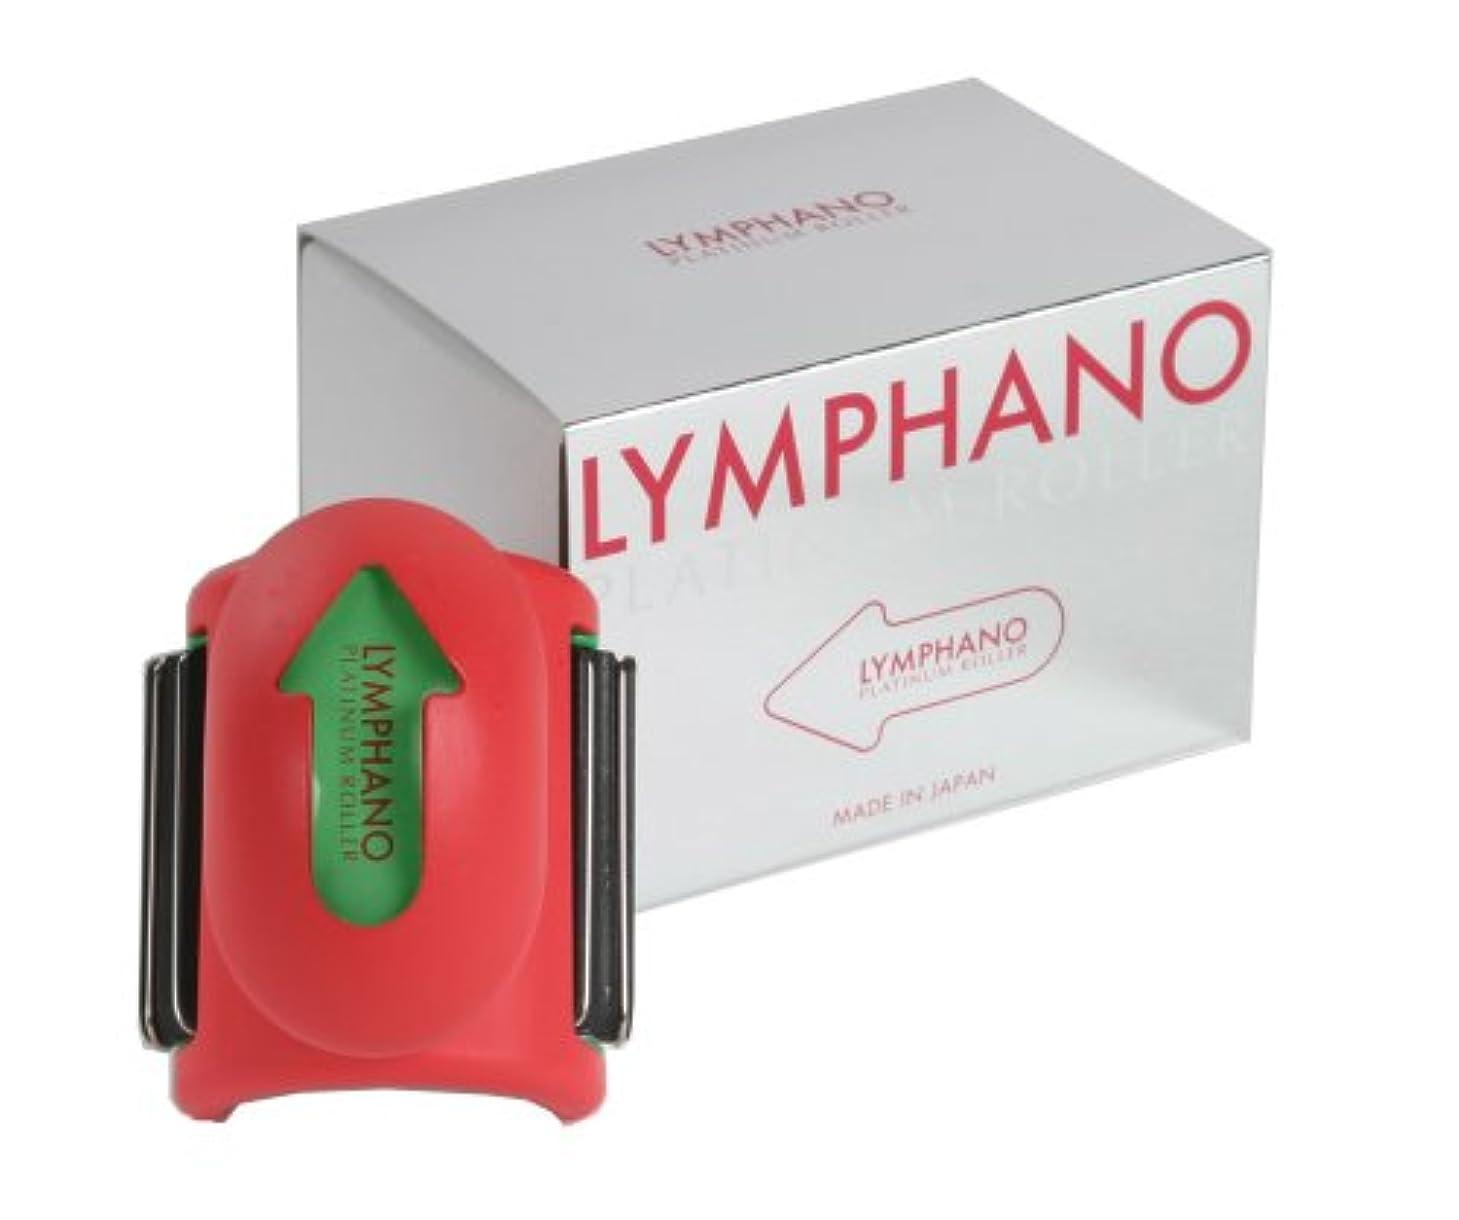 香り提供最悪エフプランニング リンパーノプラチナローラー